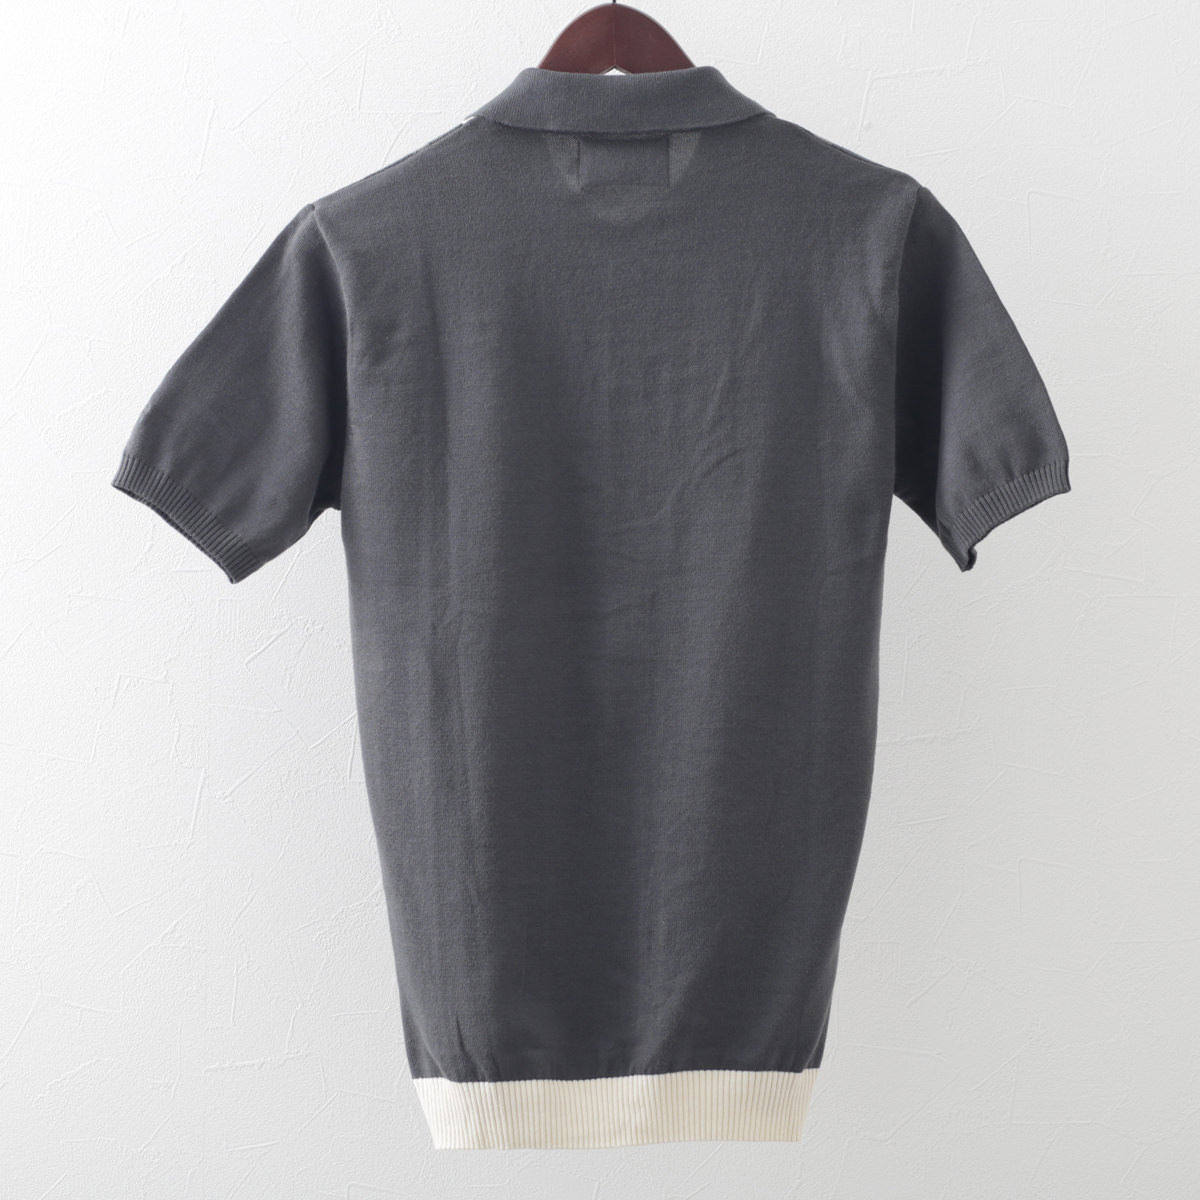 マッドキャップ メンズ ポロシャツ ニット ポロ ストライプ グレー Madcap England